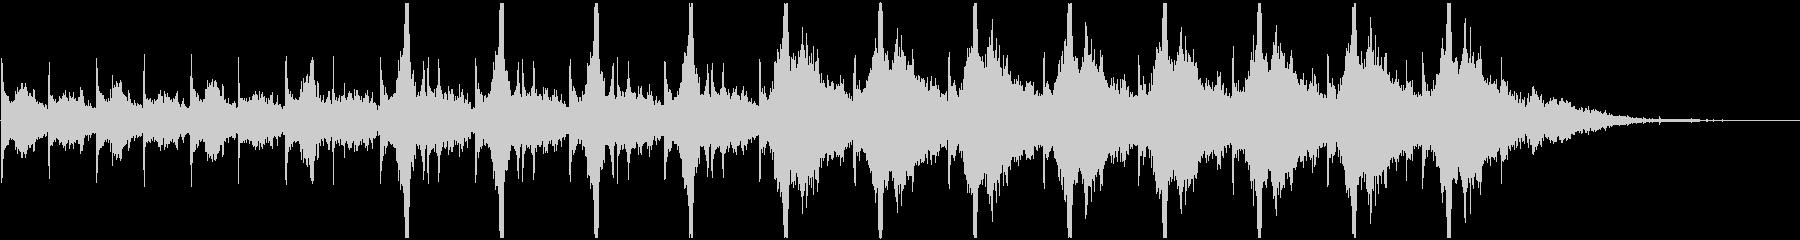 不気味な時計音(秒針リズム)の未再生の波形